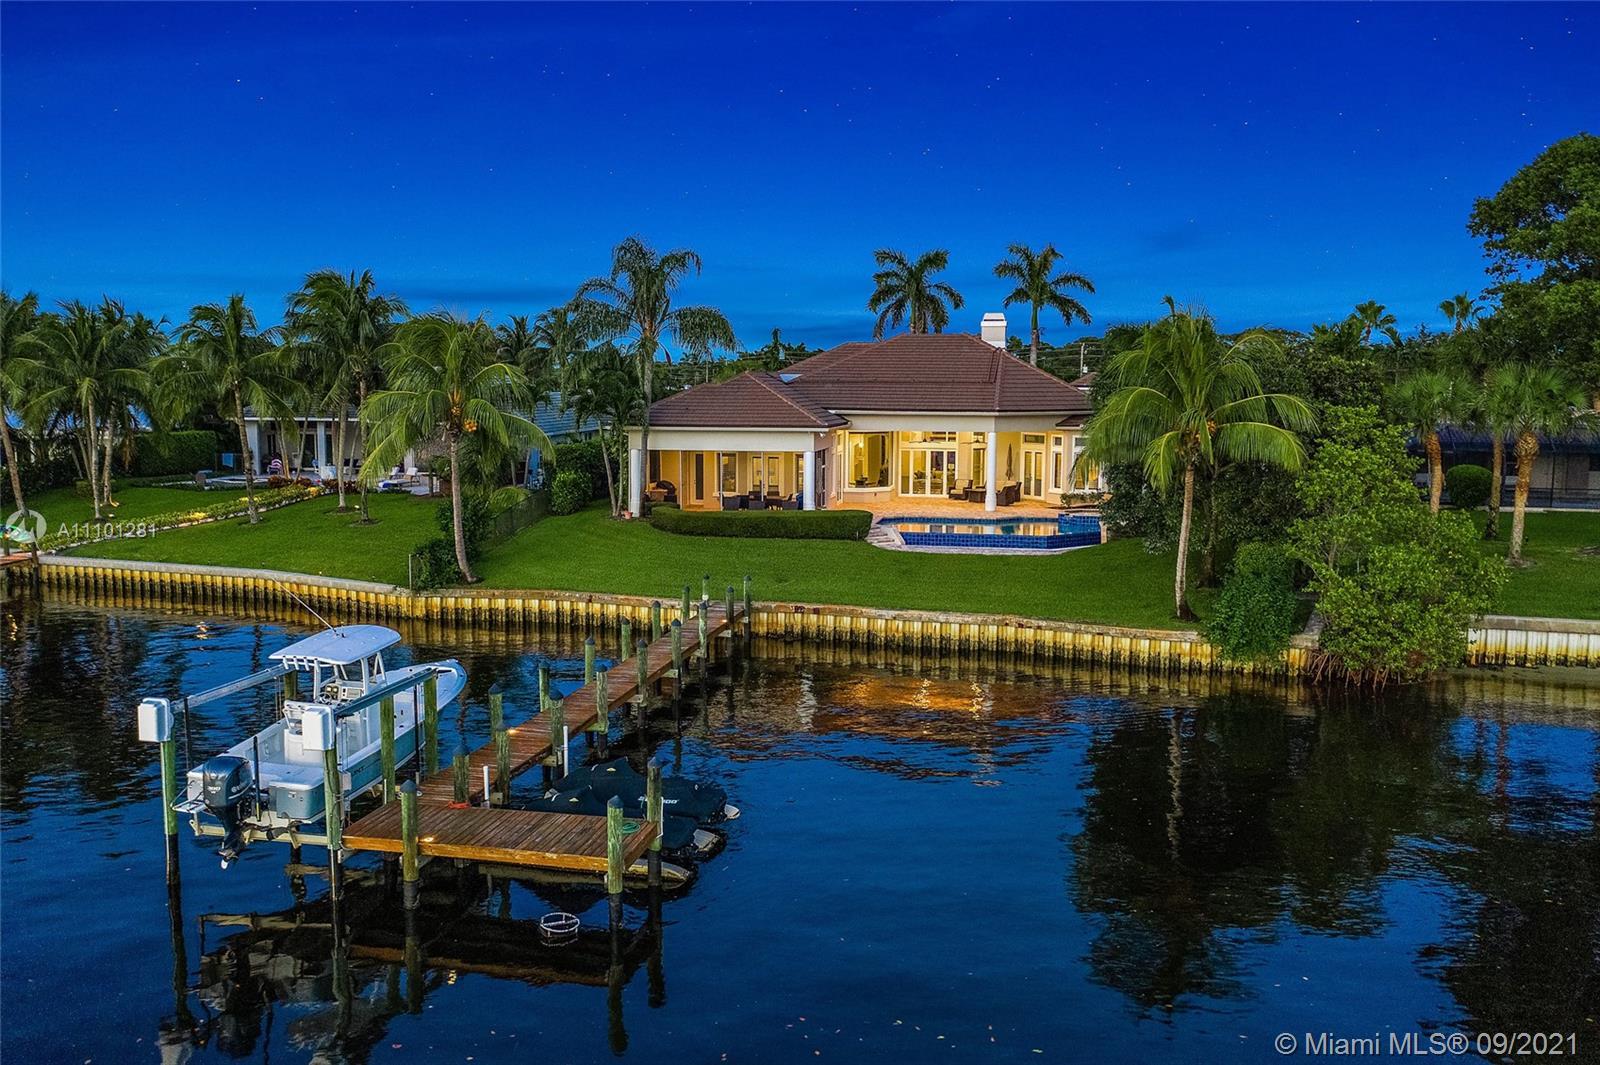 191 River Dr, Tequesta, Florida 33469